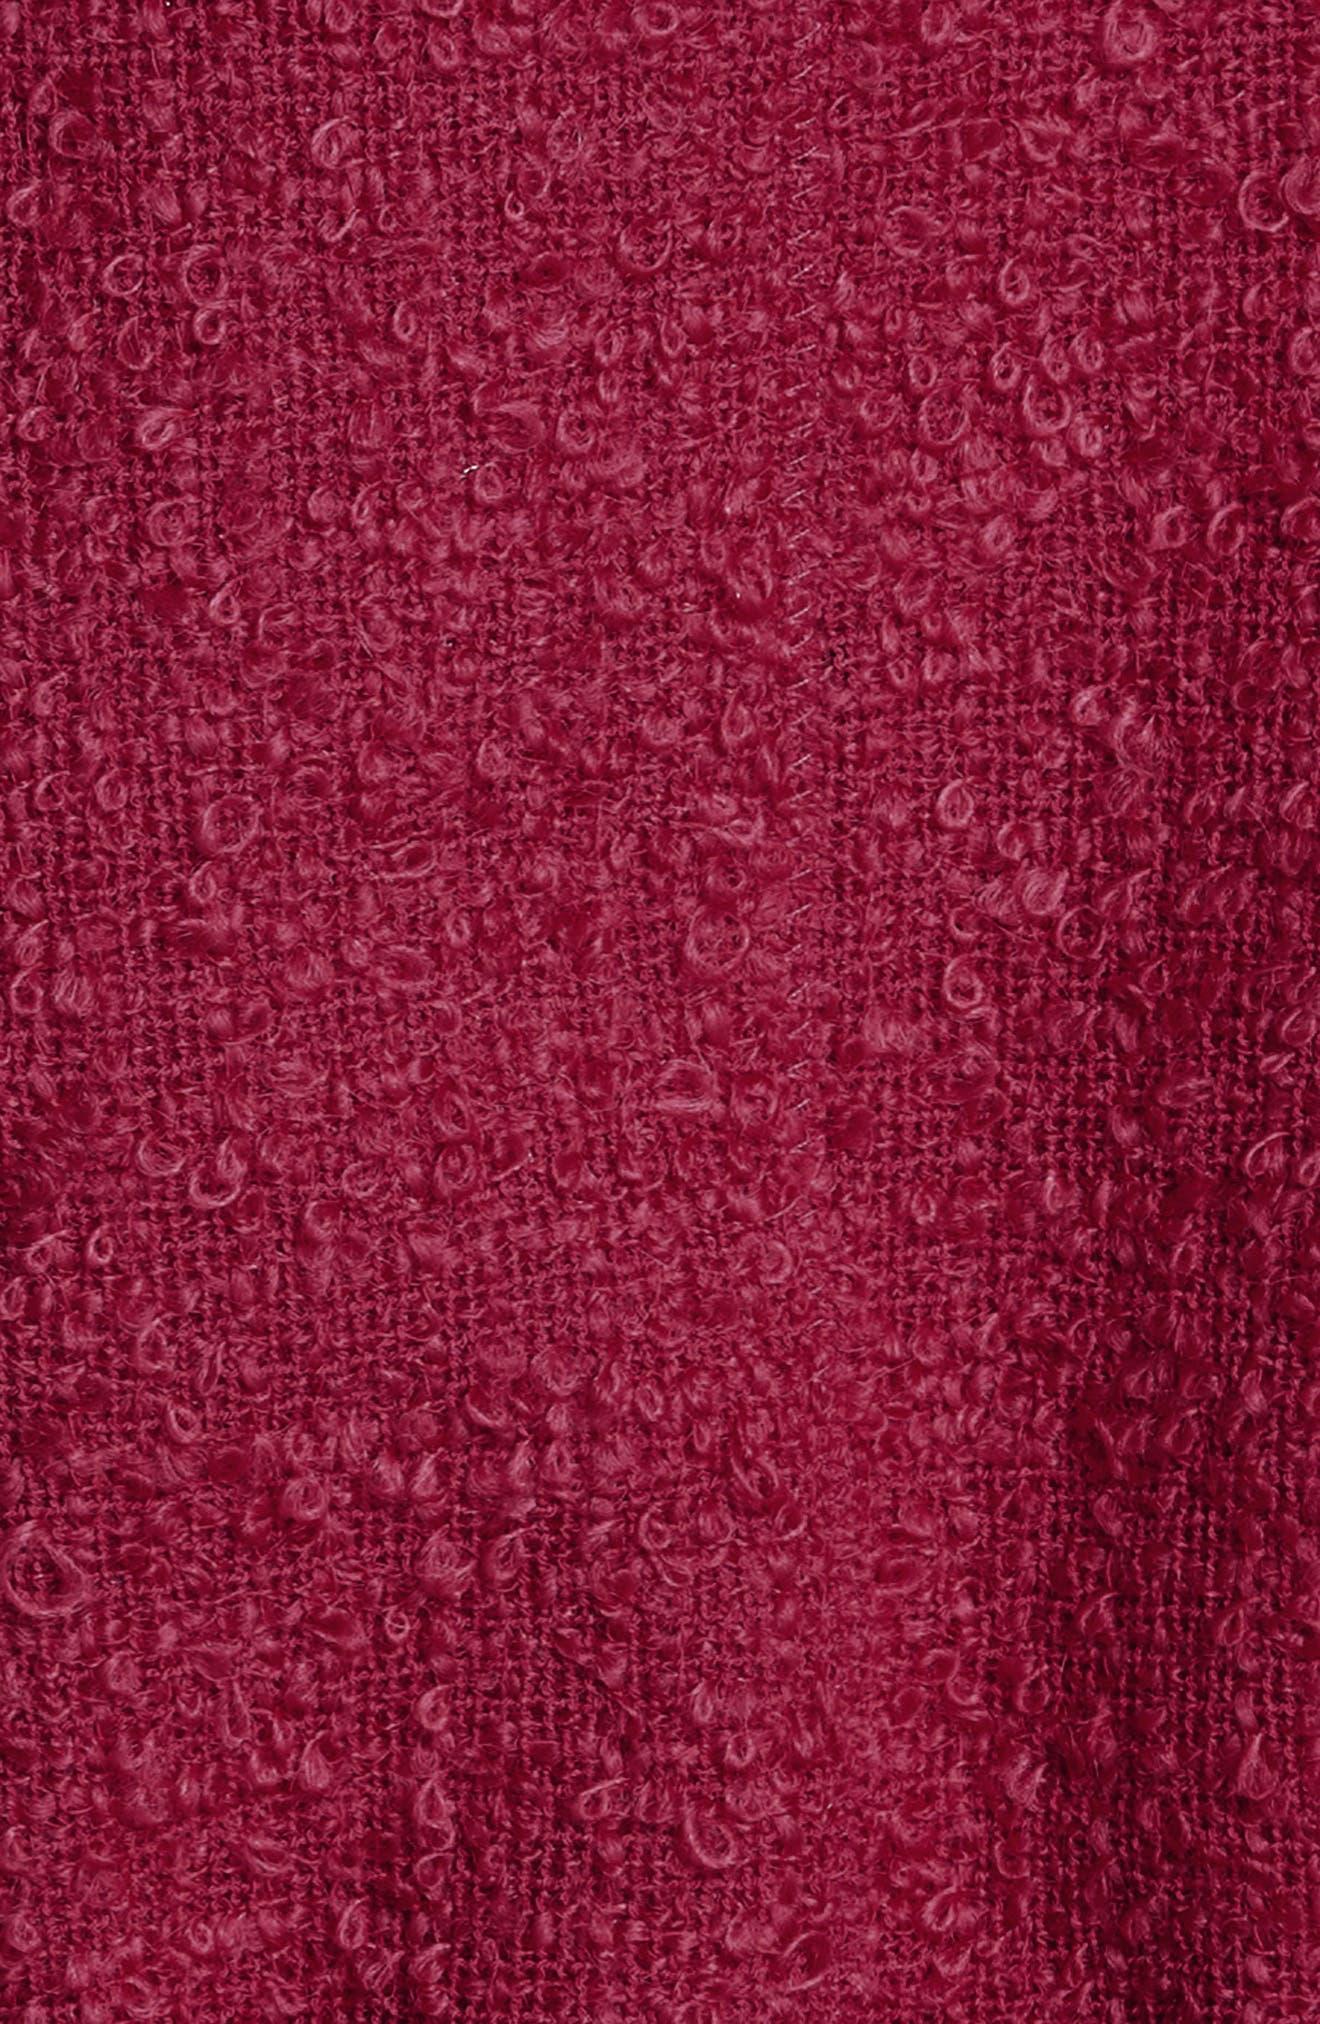 Belted Peplum Wool Blend Tweed Jacket,                             Alternate thumbnail 6, color,                             607